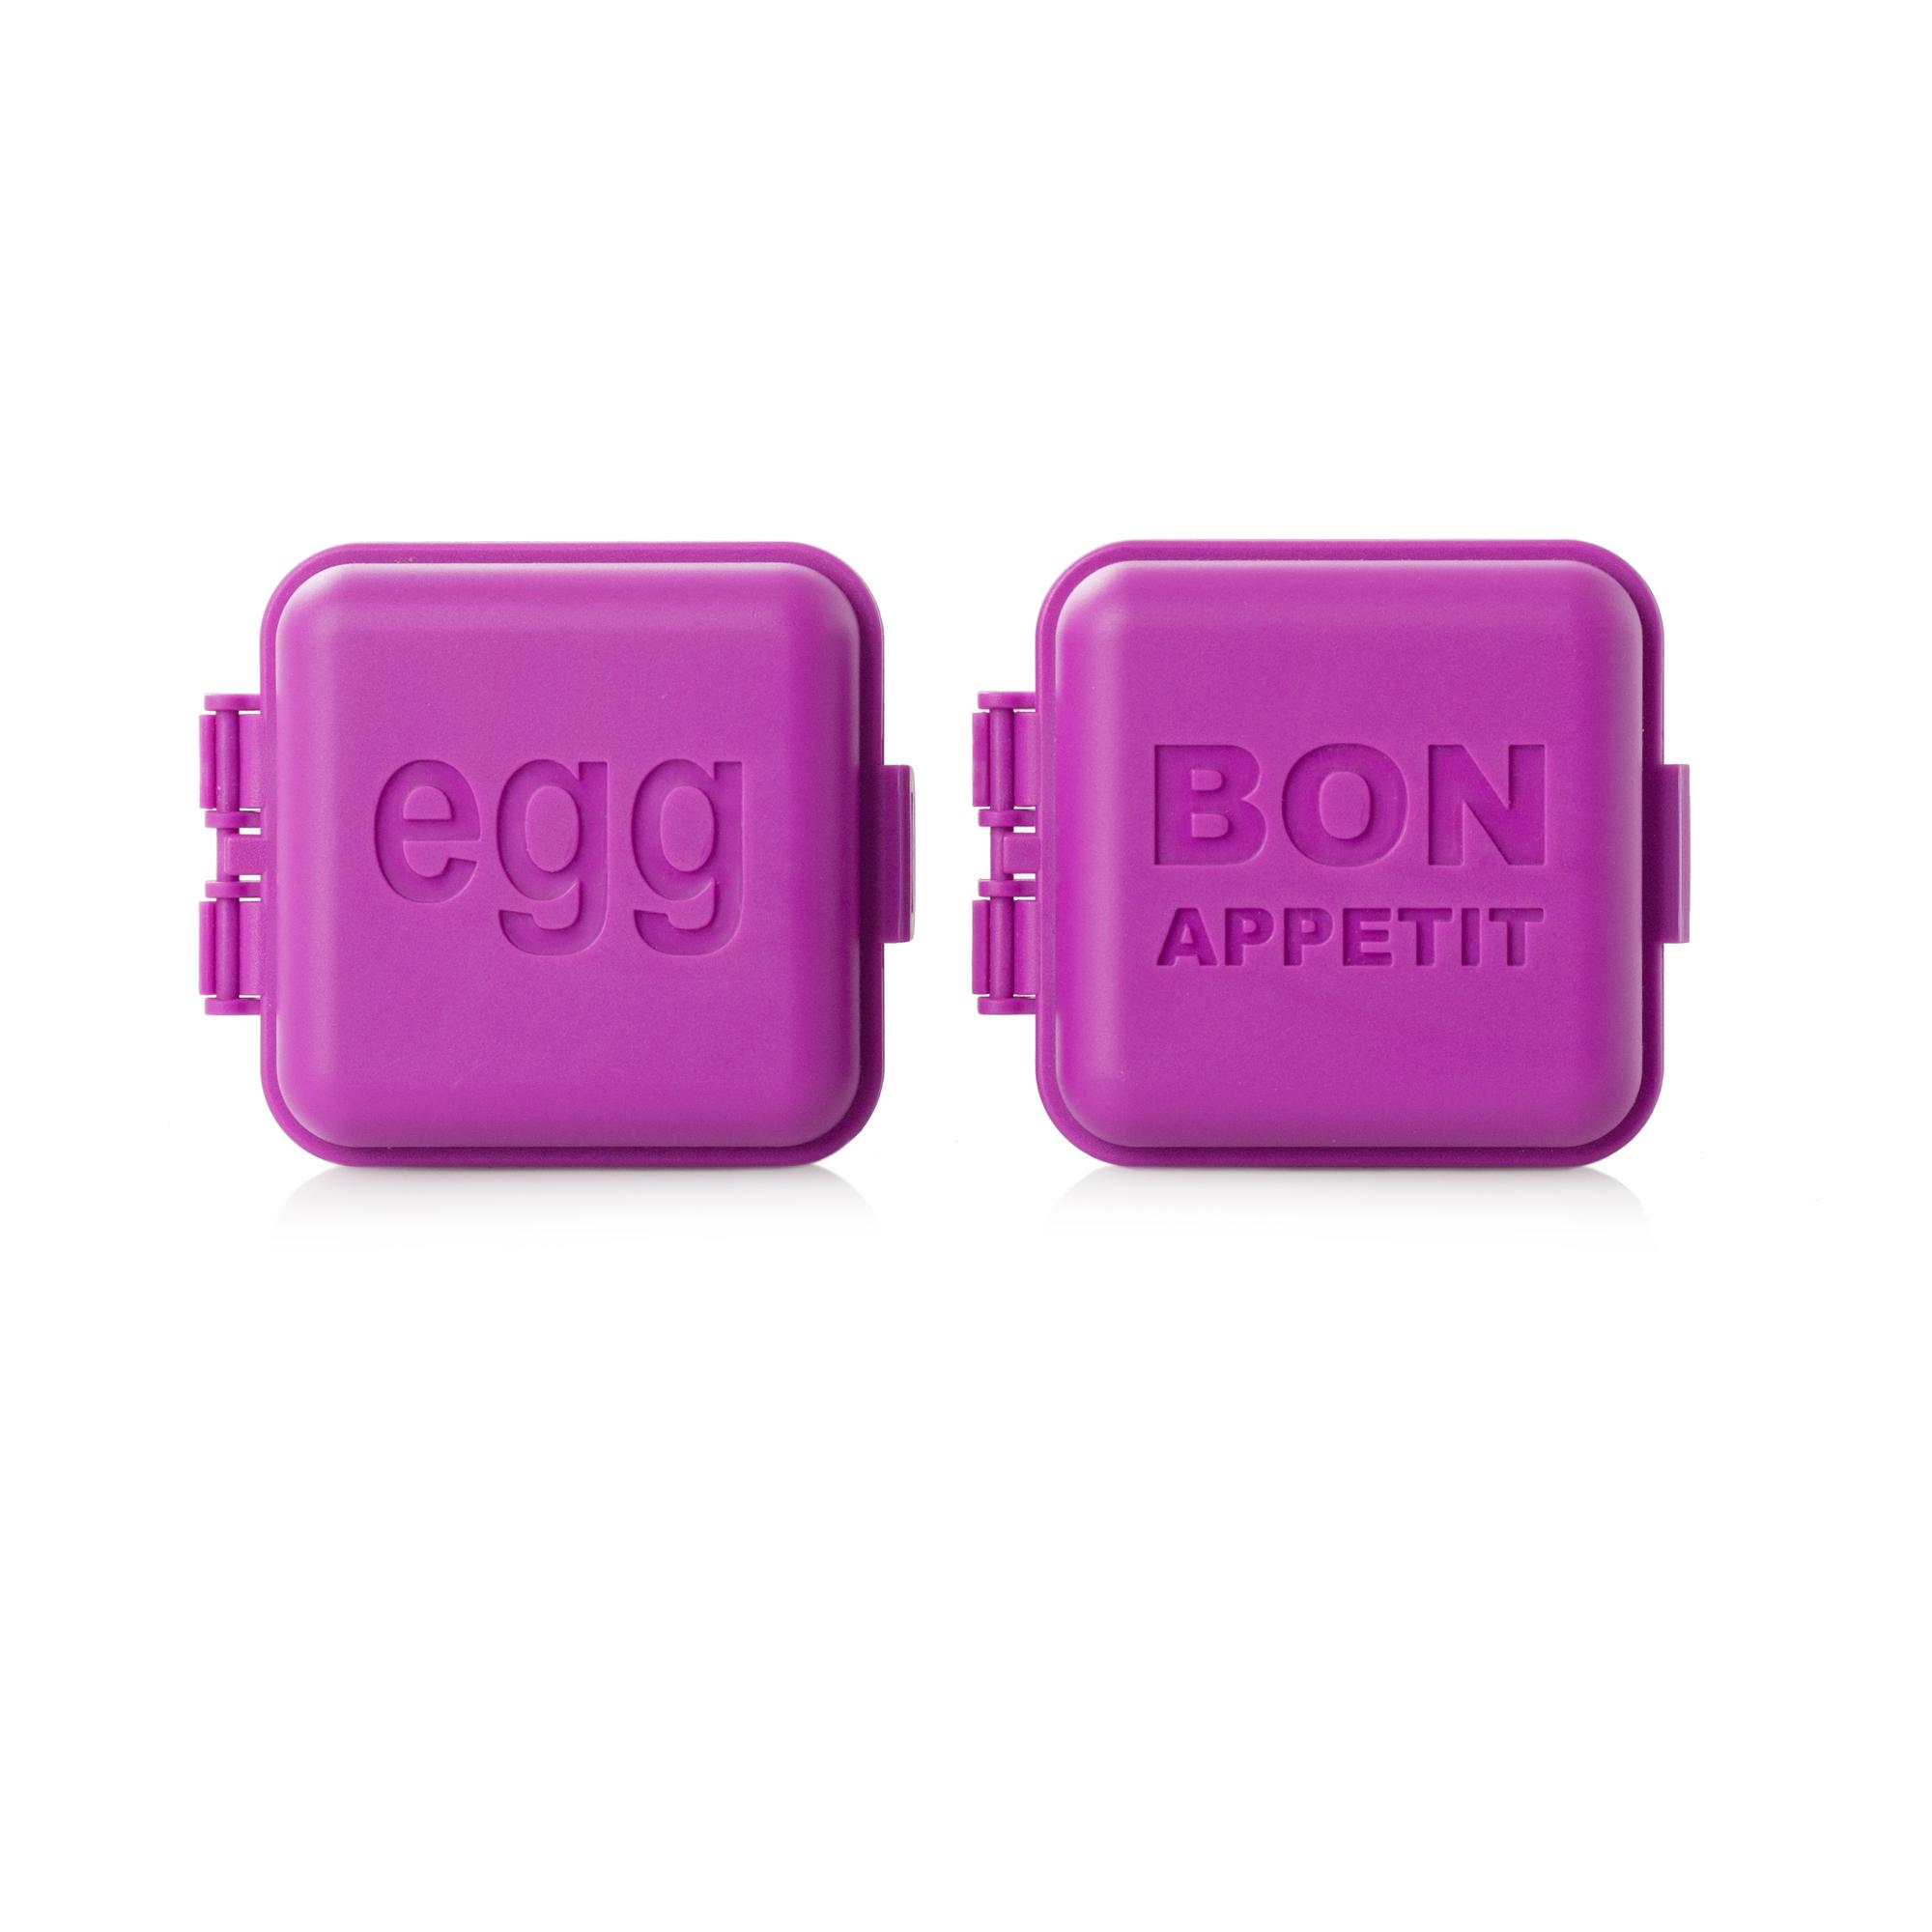 Egg коллекция аксессуаров для шлема Suncap